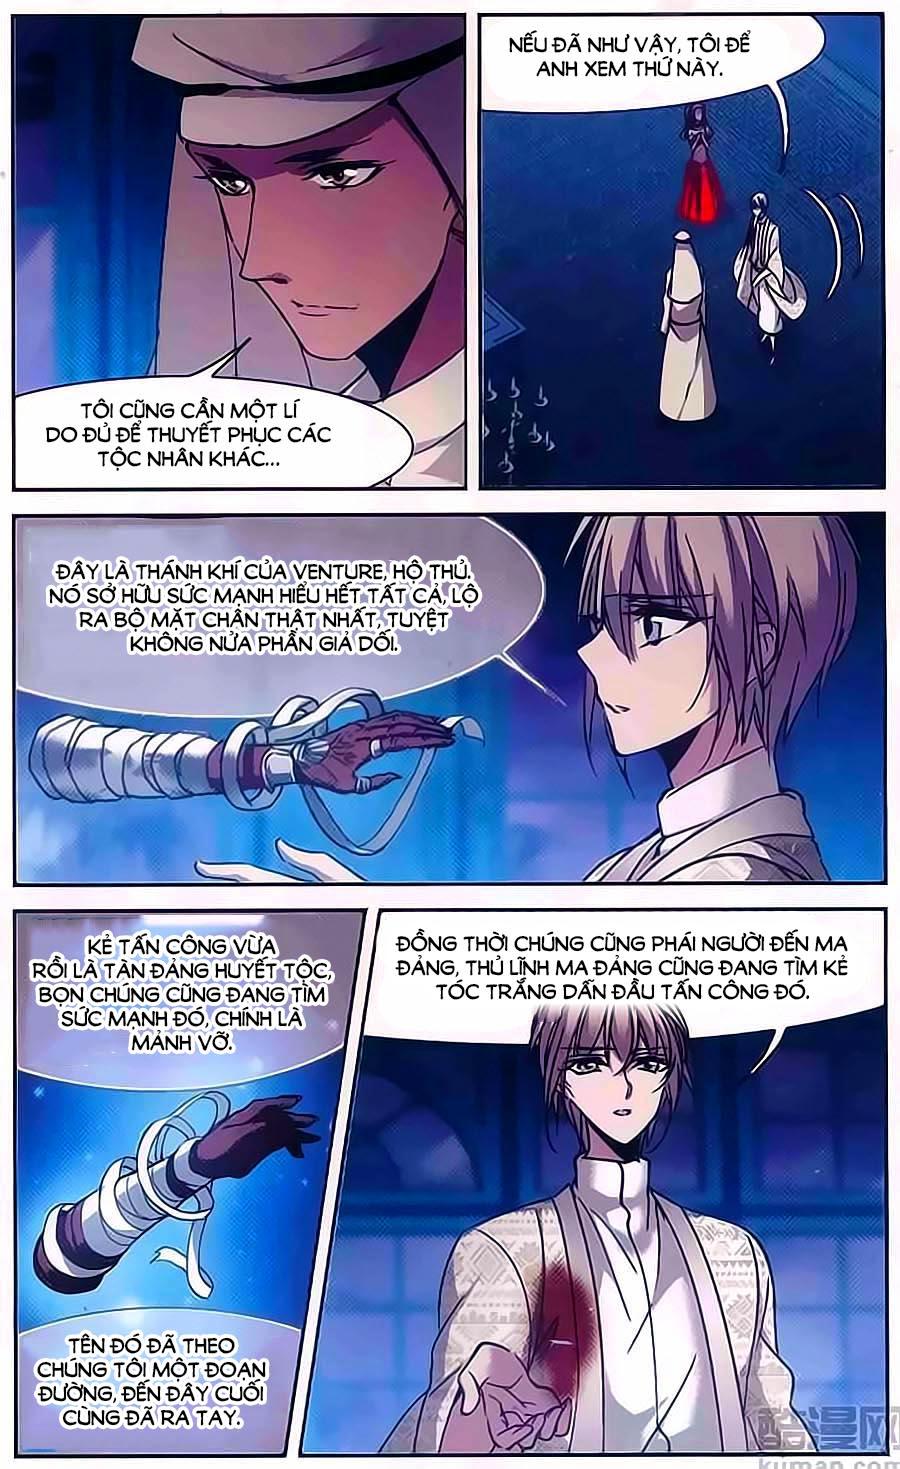 Huyết Tộc Cấm Vực chap 90 page 3 - IZTruyenTranh.com